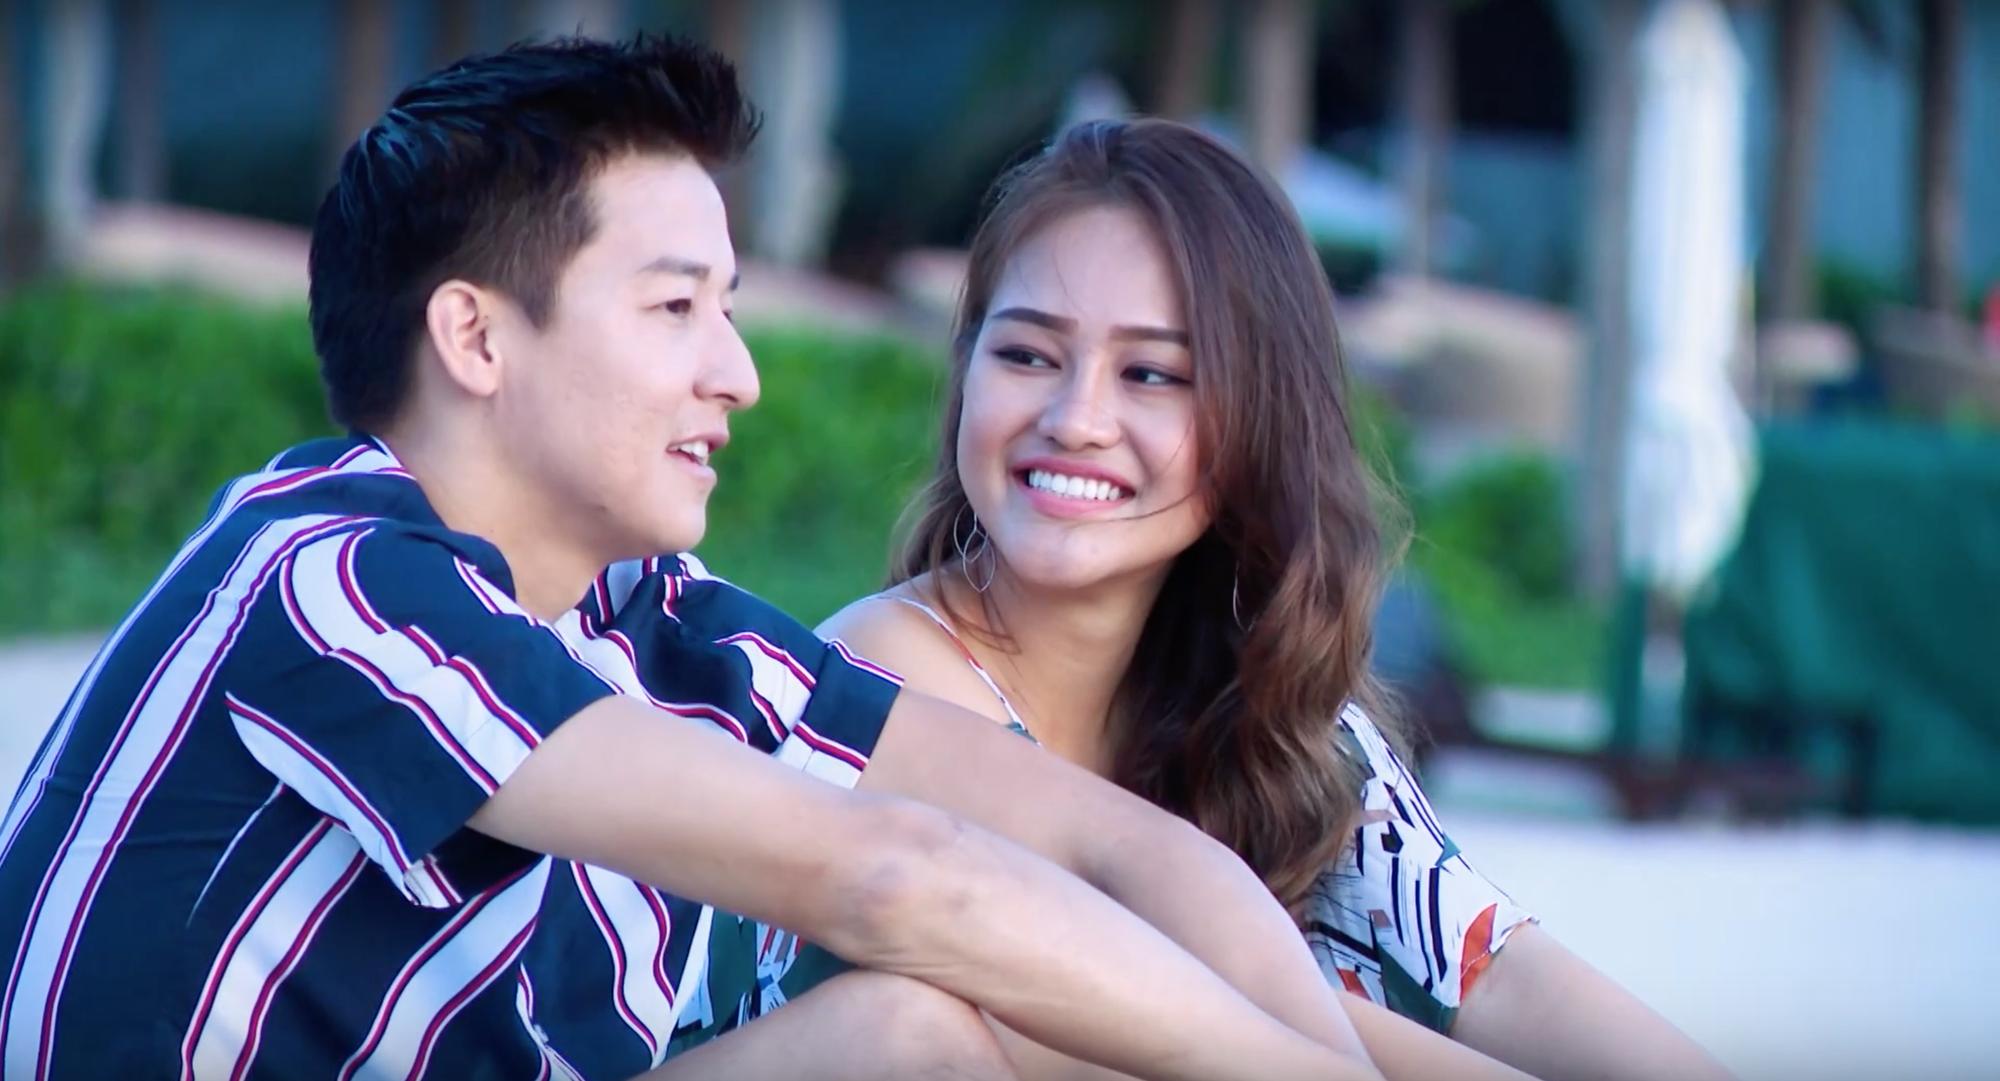 Top 5 Hoa hậu Siêu quốc gia Việt Nam từ chối Anh chàng độc thân - Ảnh 3.